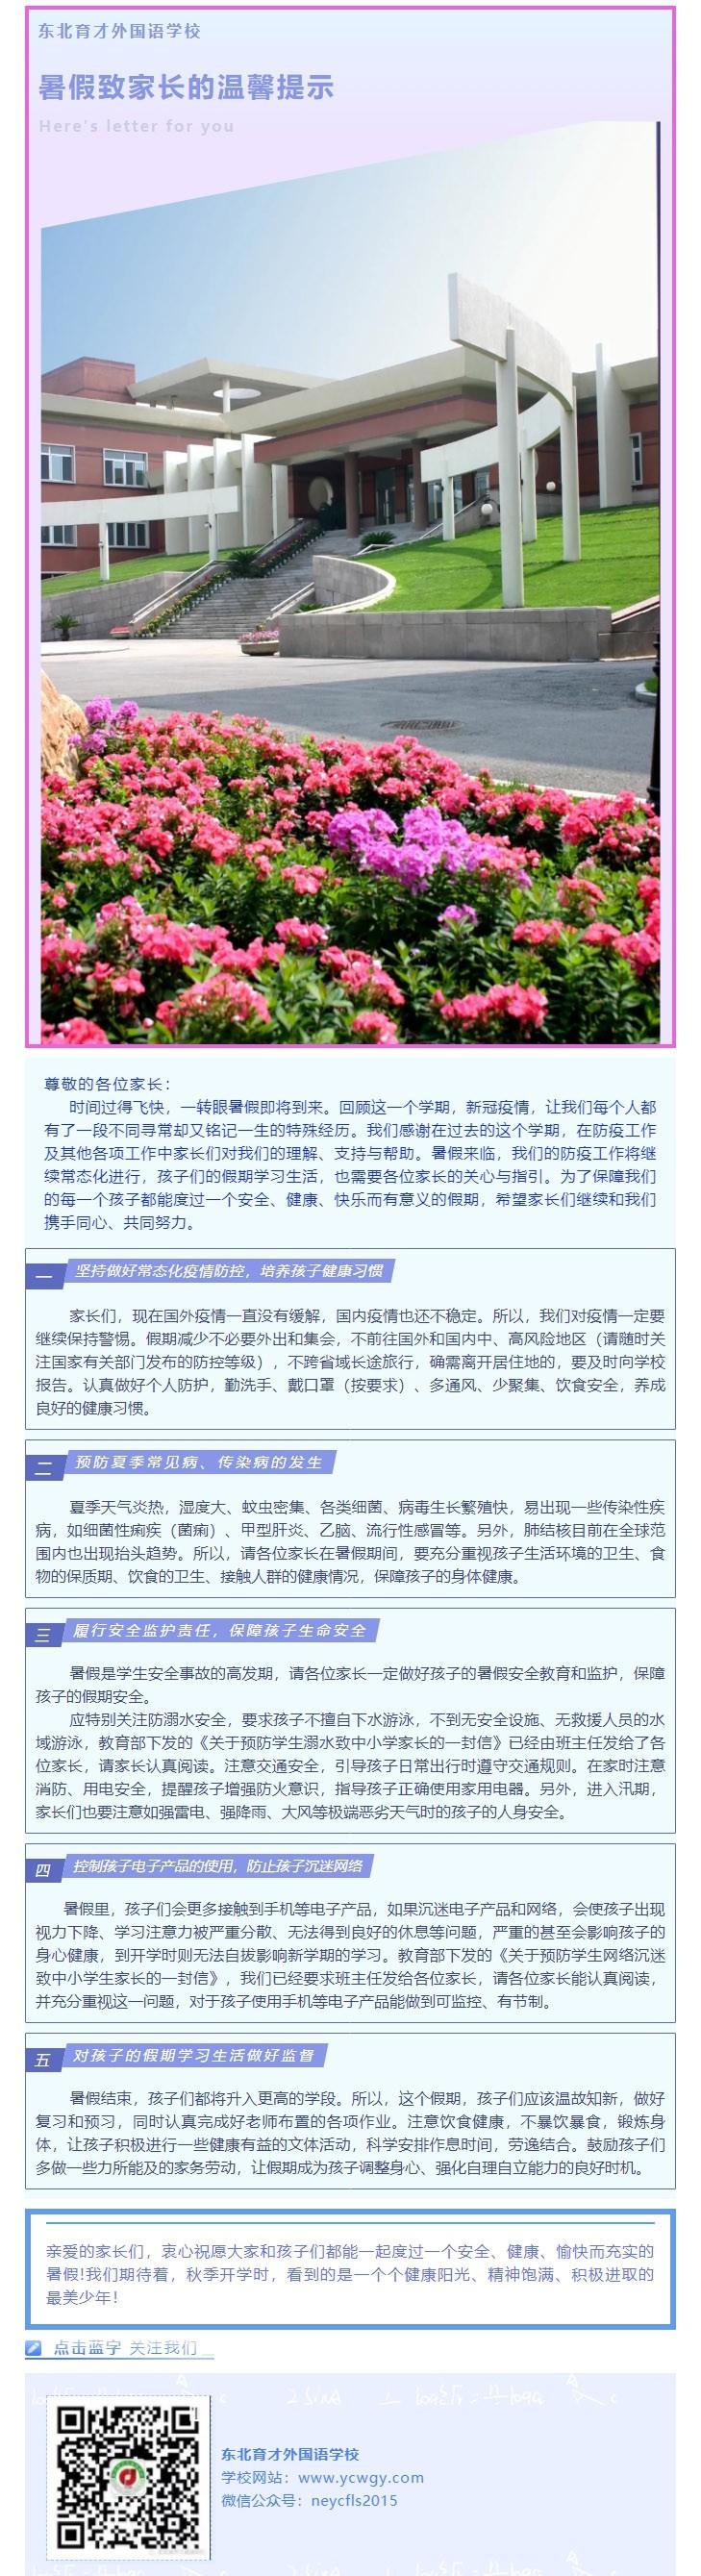 暑假致手机版的温馨提示_20200723120659.jpg